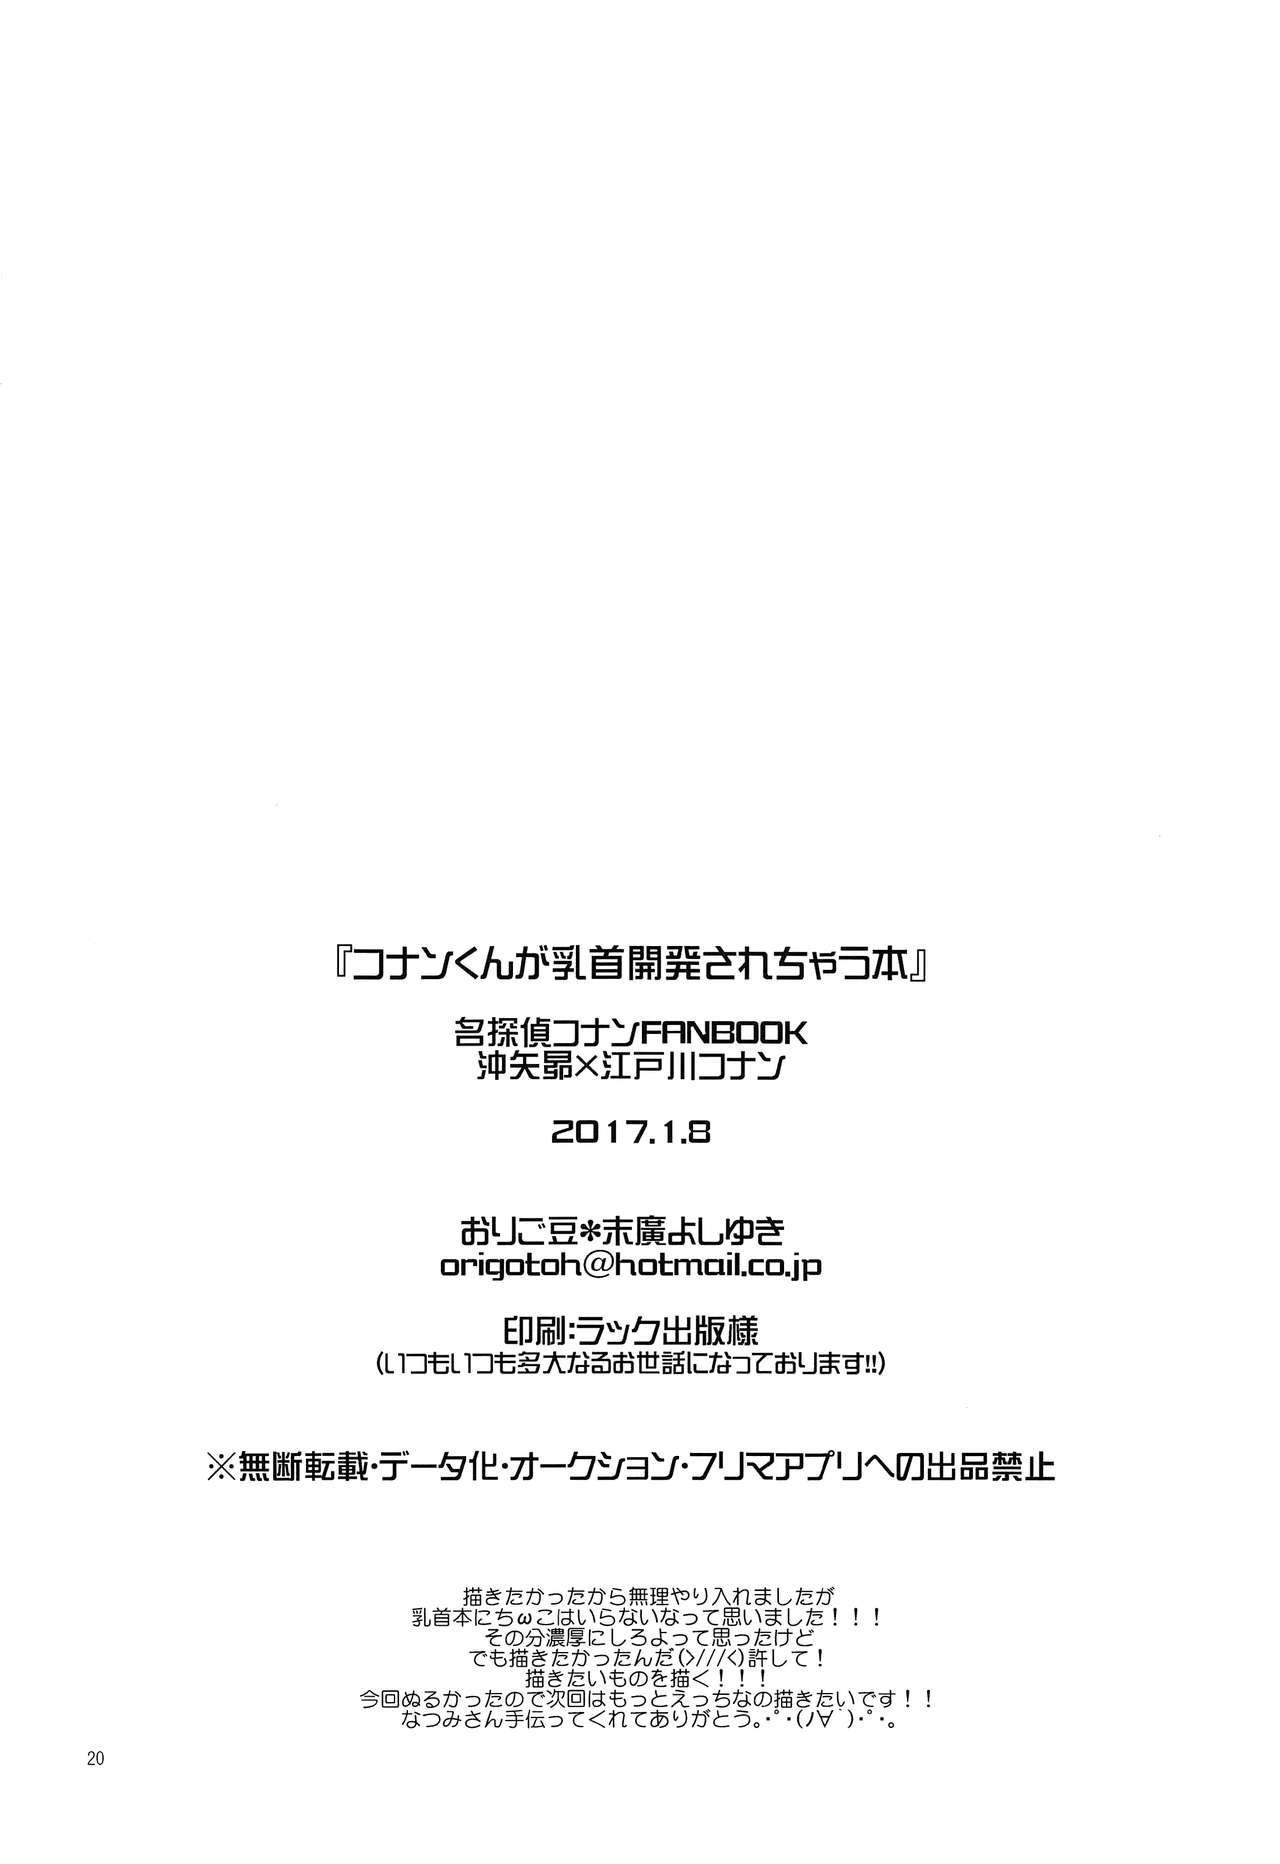 Conan-kun ga Chikubi Kaihatsu Sarechau Hon 18